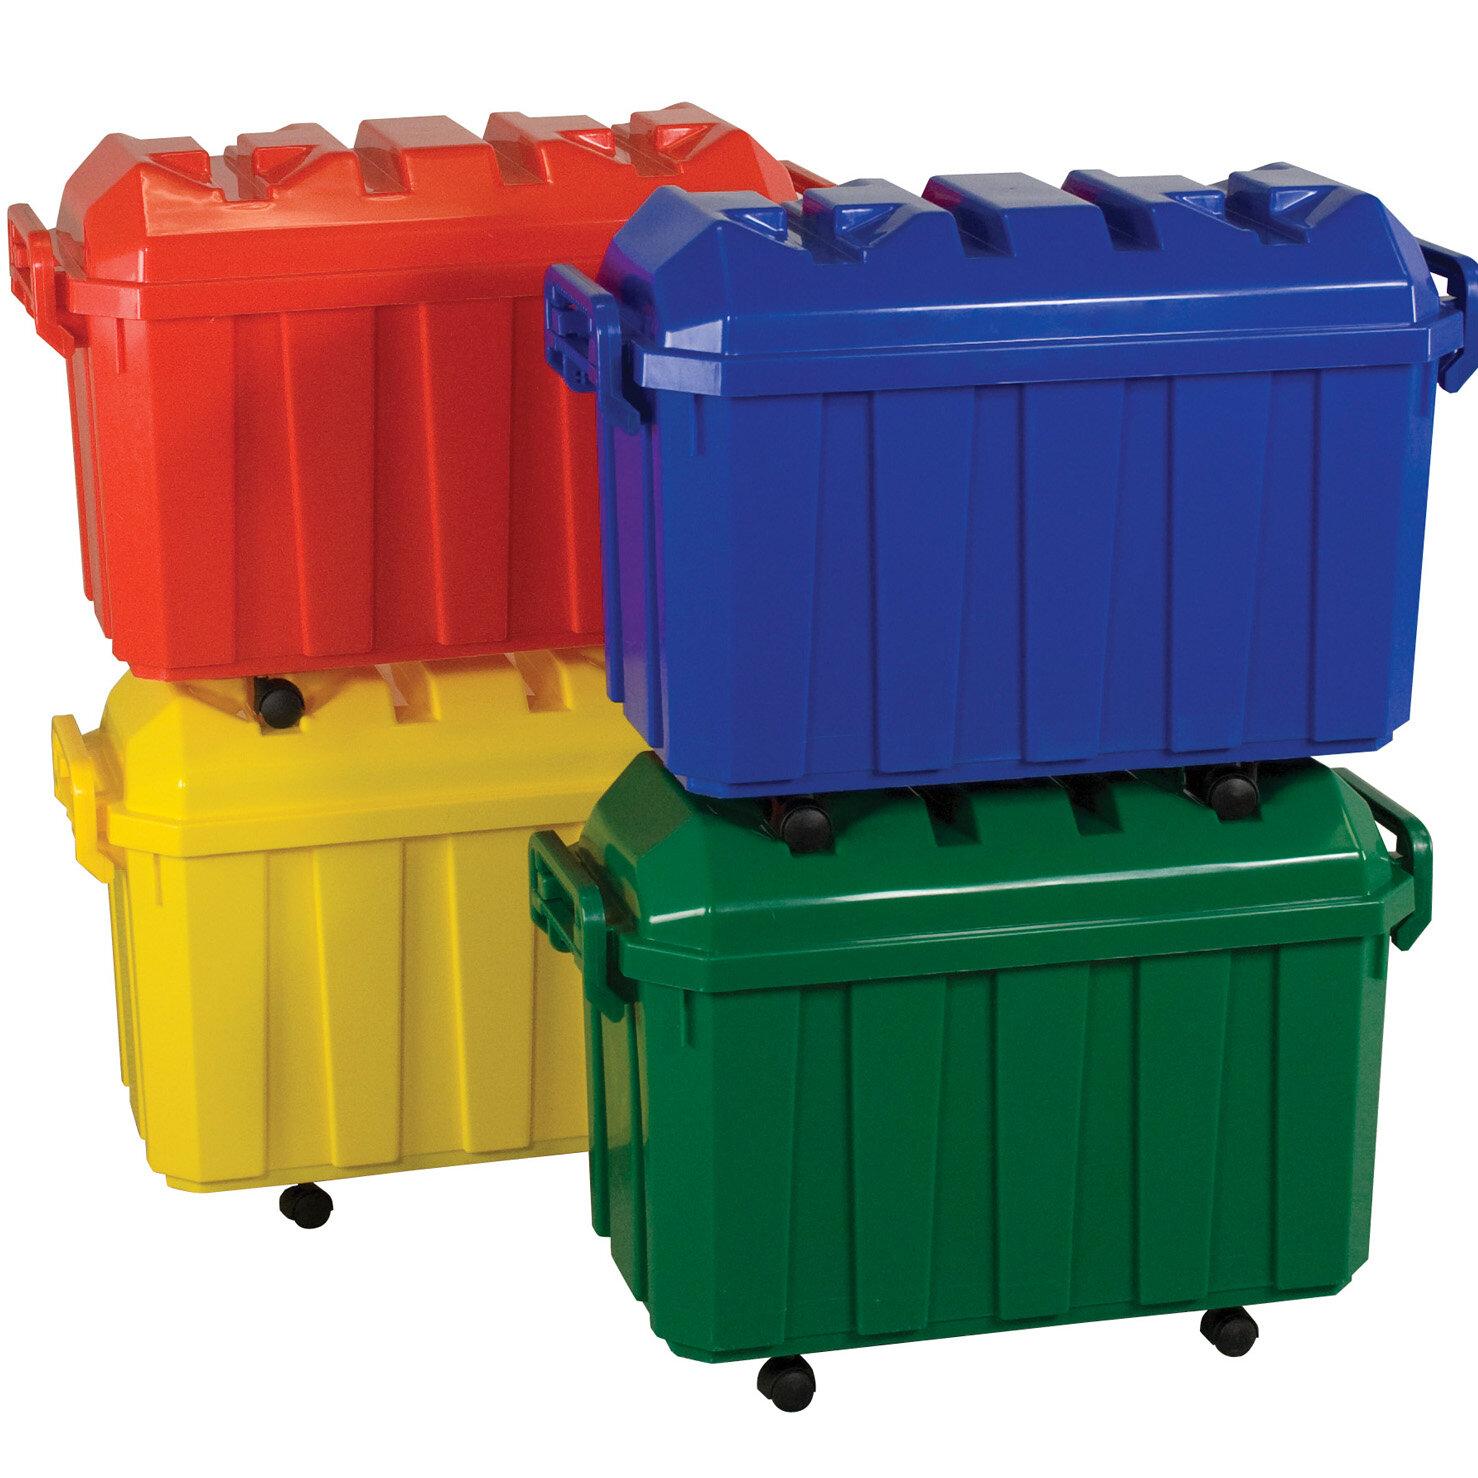 Offex Stackable Trunk Storage Toy Organizer | Wayfair